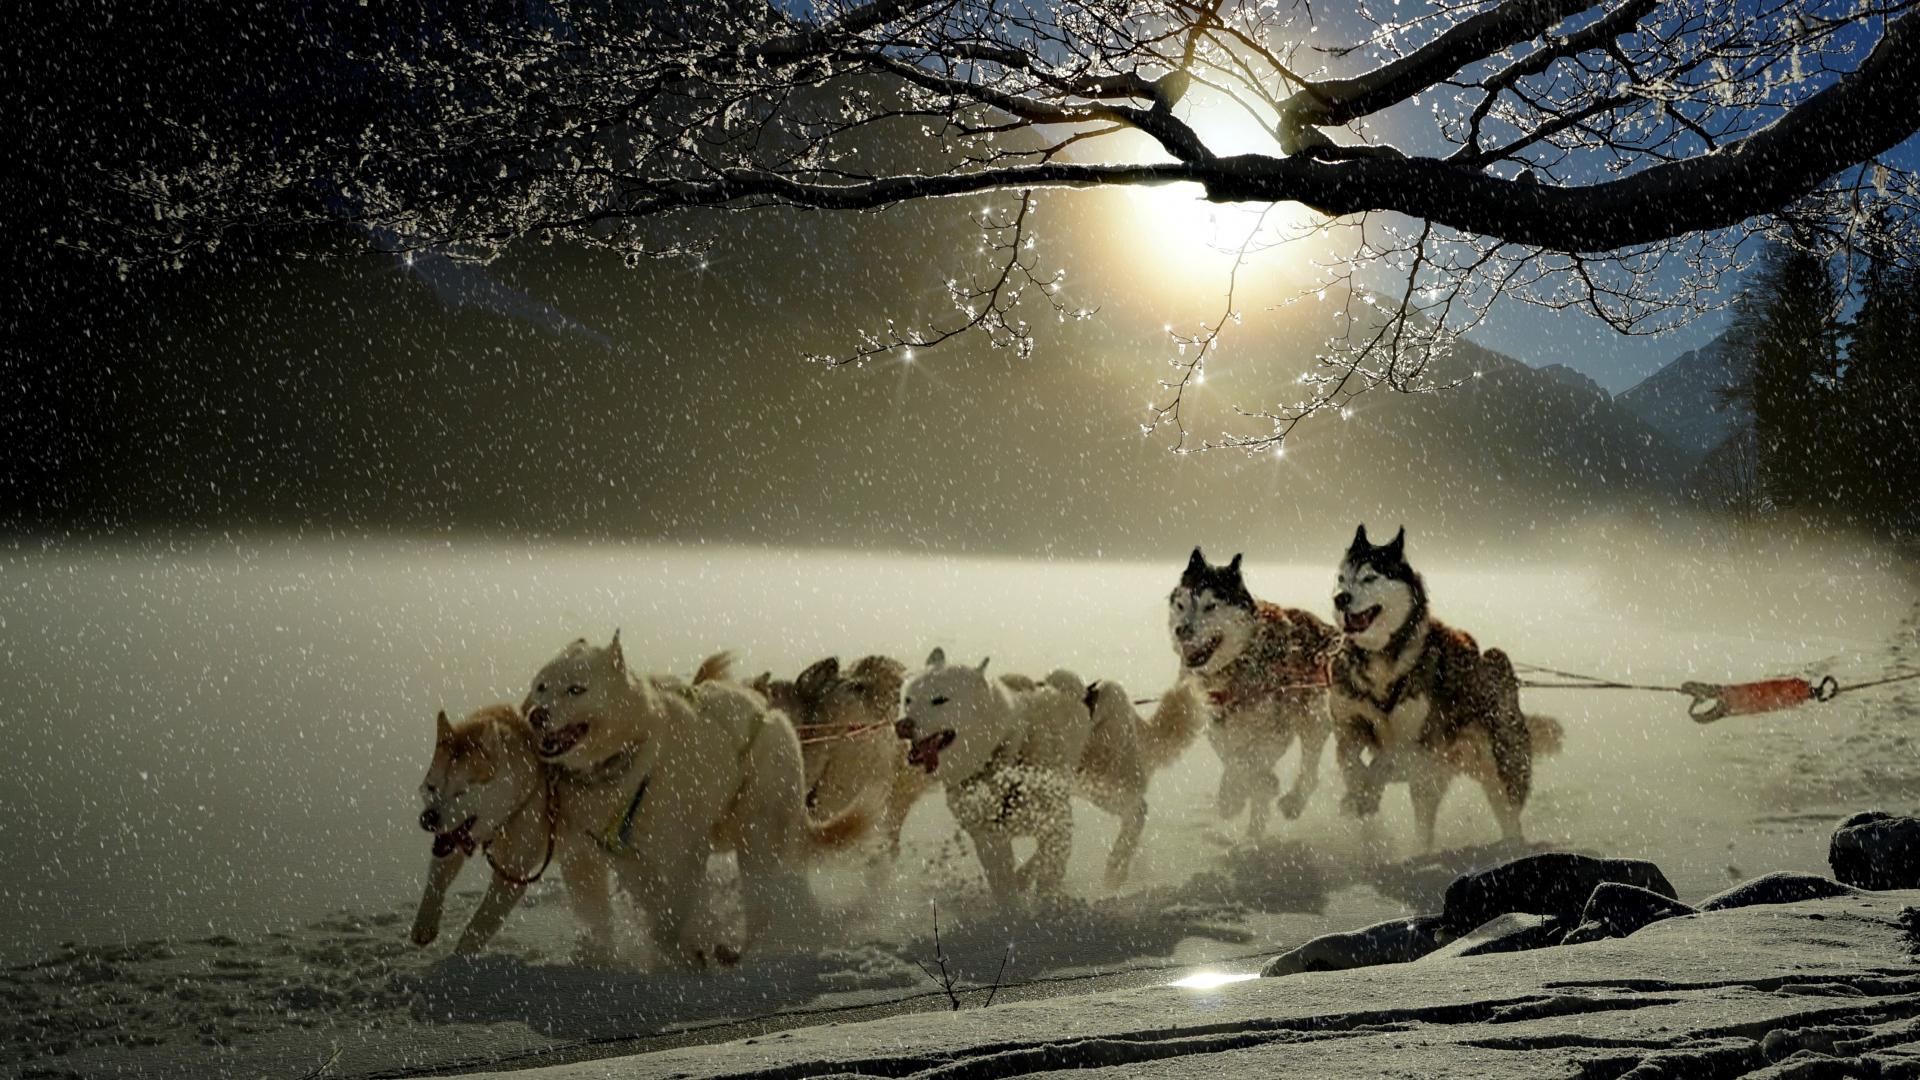 Dogs, run, winter, outdoor, 1920x1080 wallpaper